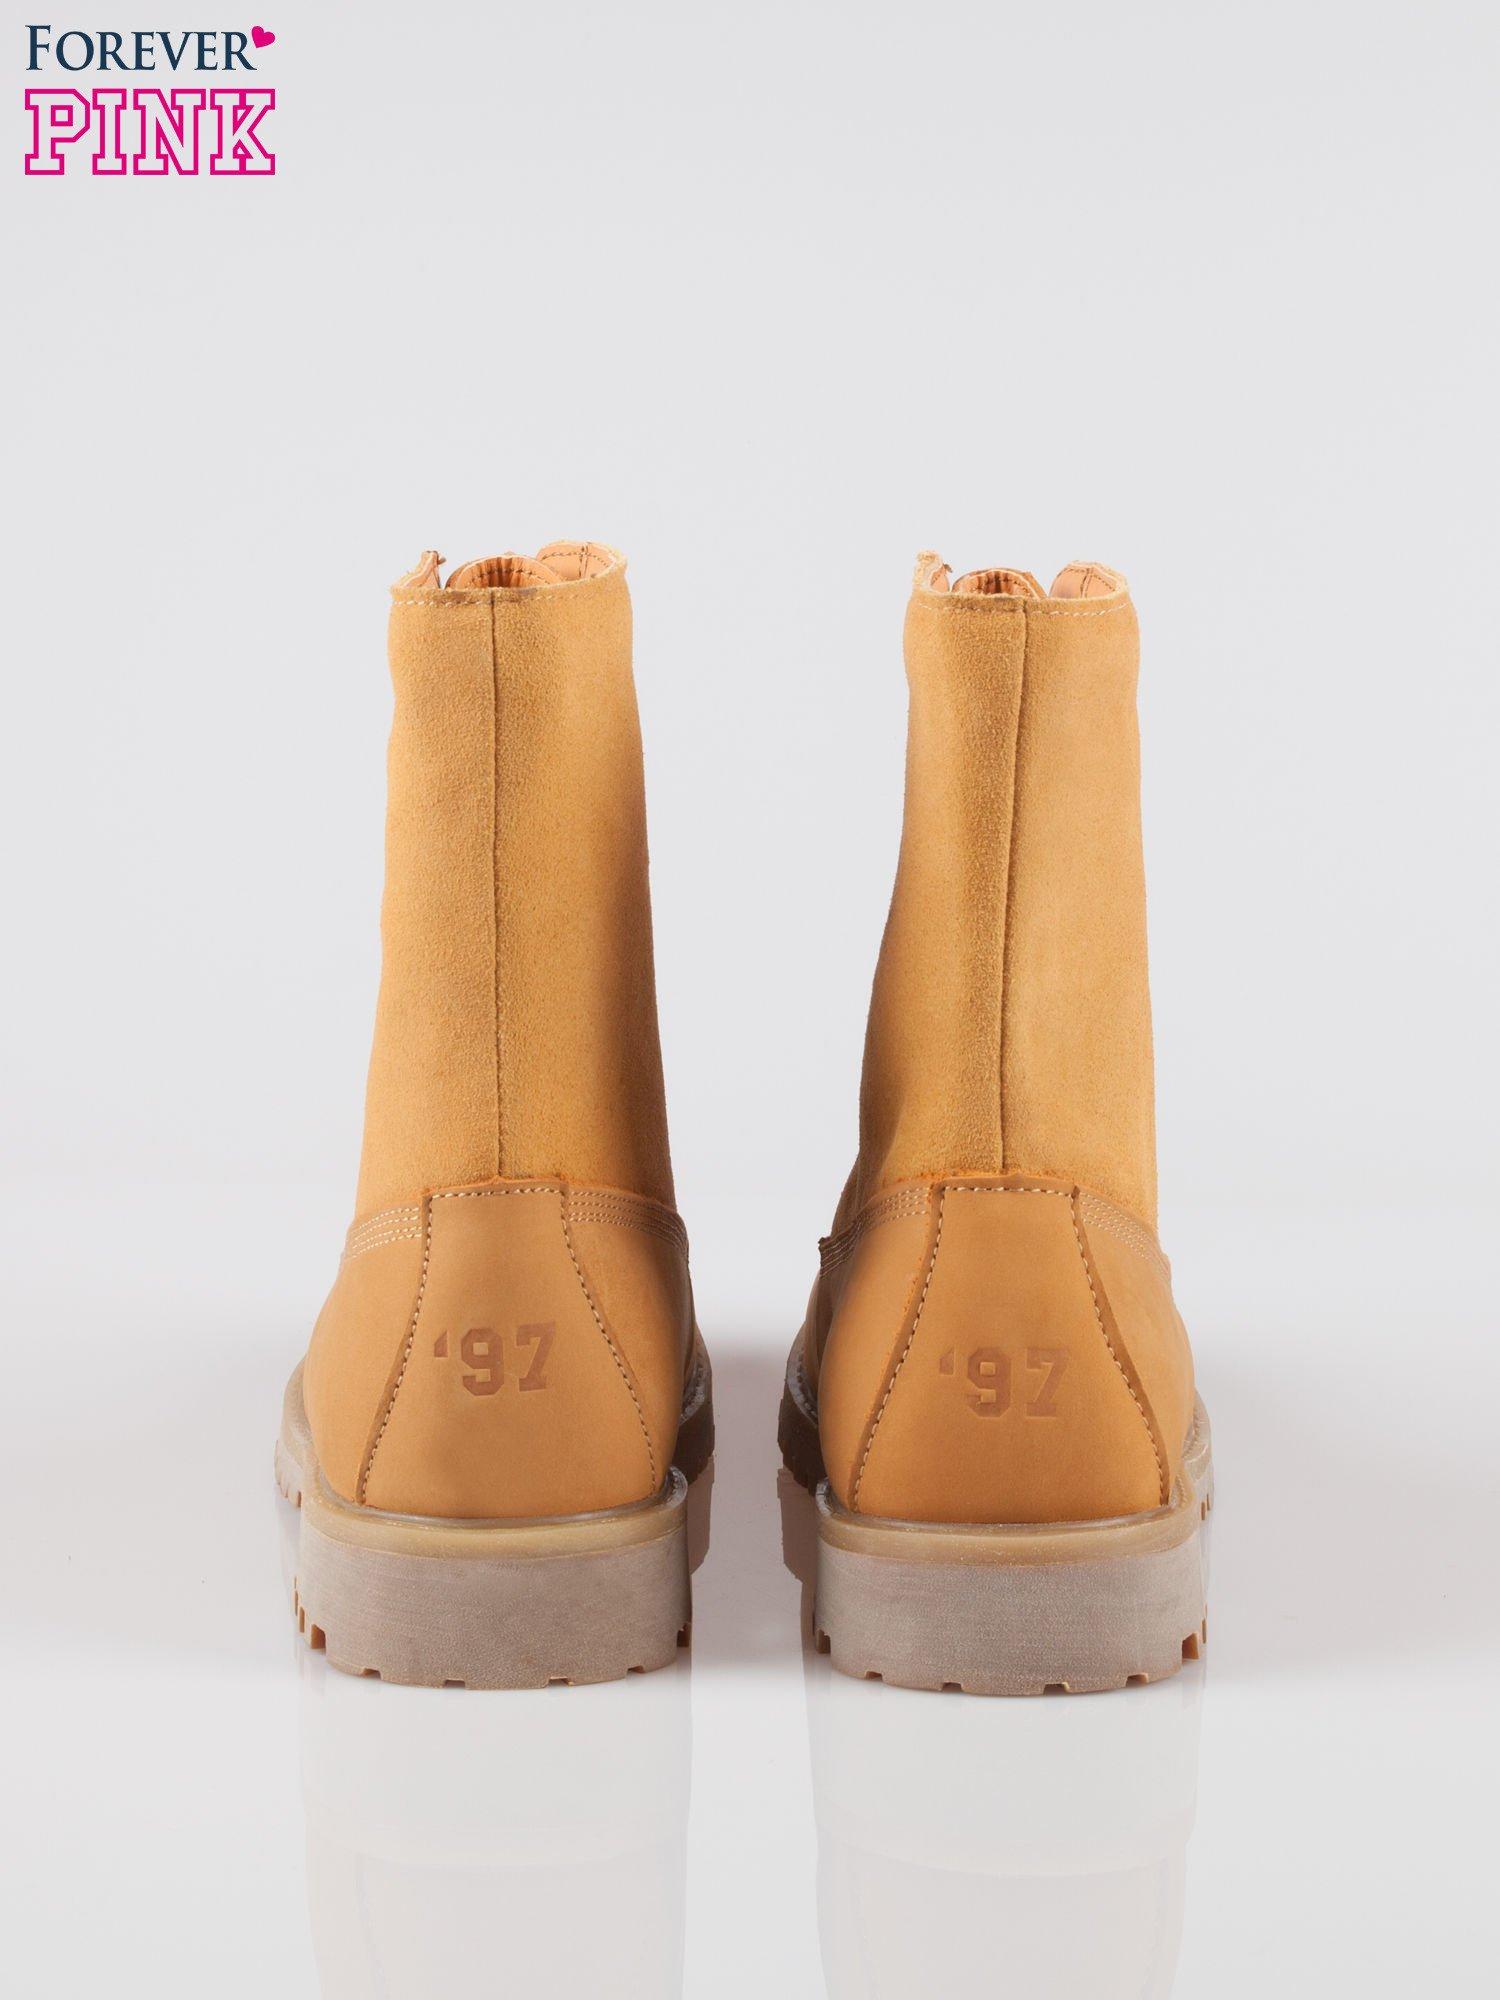 Camelowe wysokie buty trekkingowe traperki damskie ze skóry naturalnej                                  zdj.                                  3